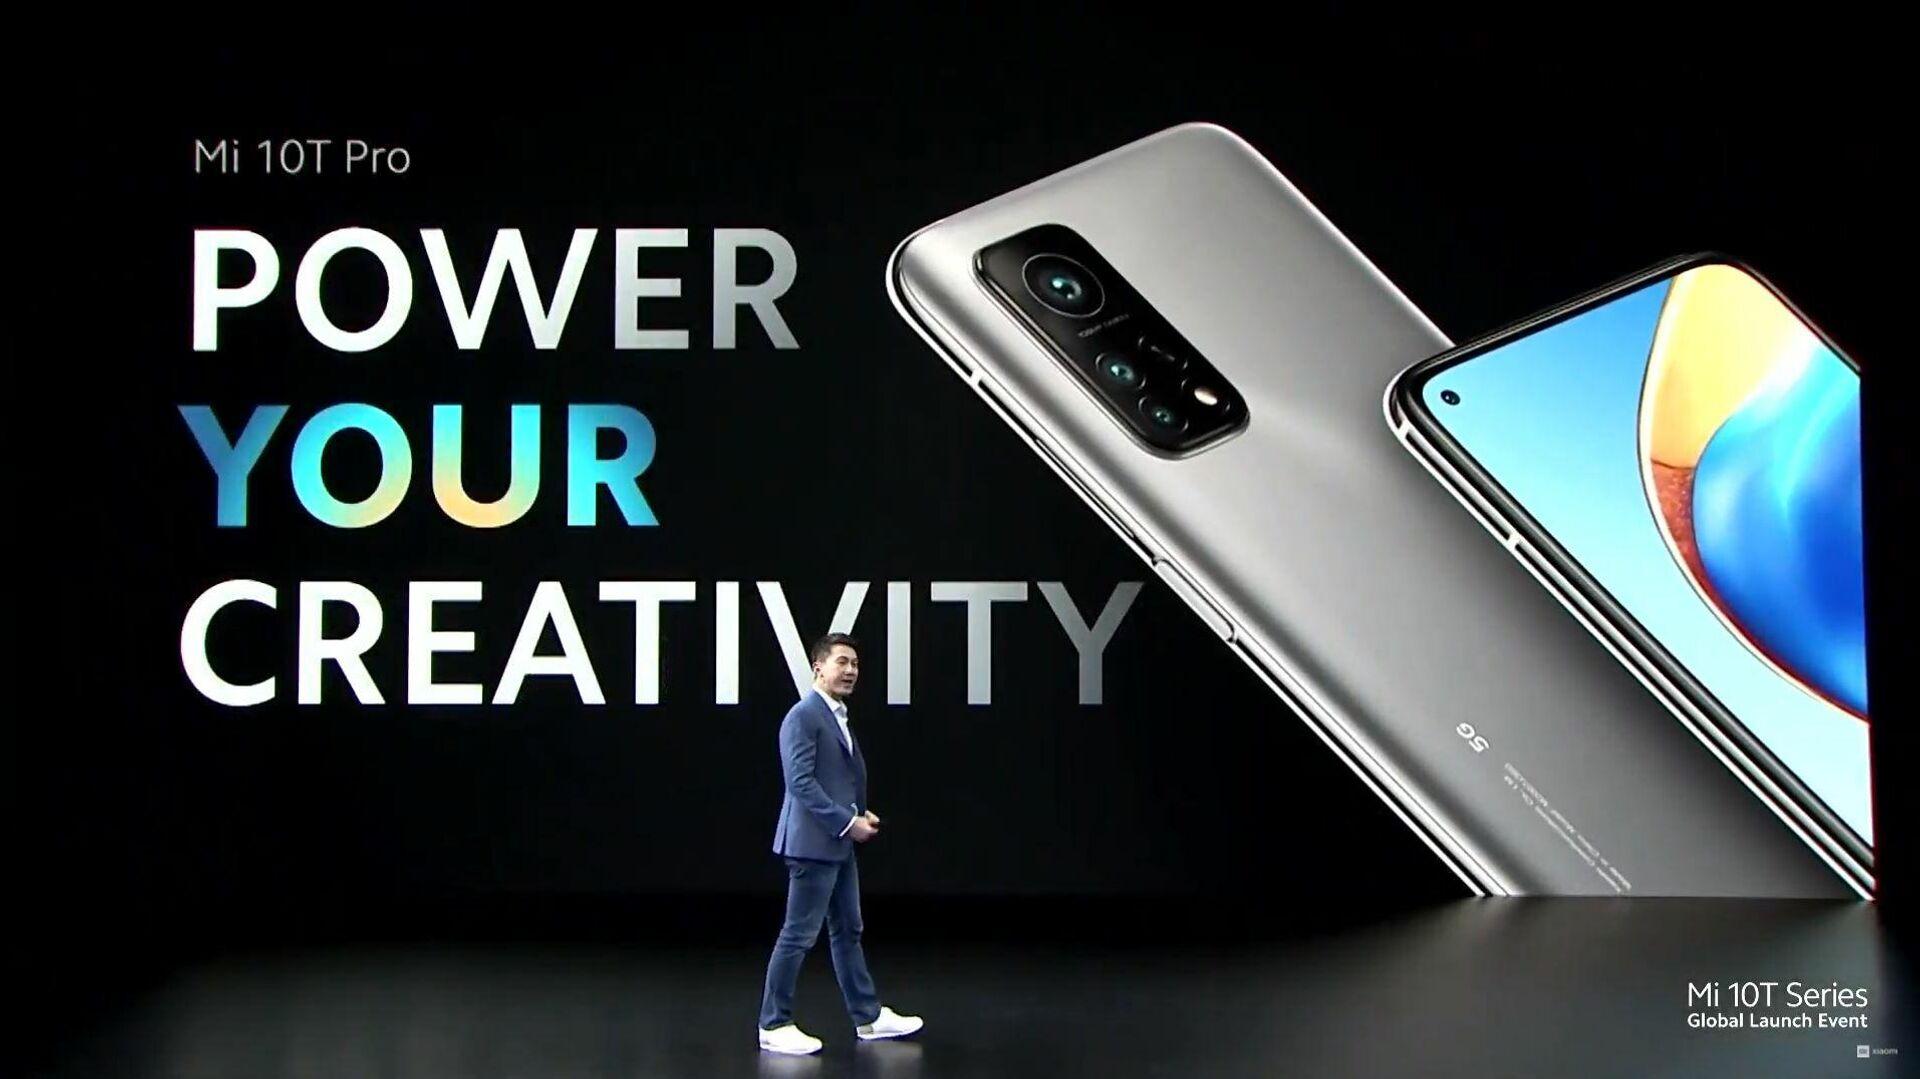 1578008748 0:1:1913:1077 1920x0 80 0 0 64b44b577d03d7335d6efe321fd136c8 - Компания Xiaomi представила сразу три новых смартфона